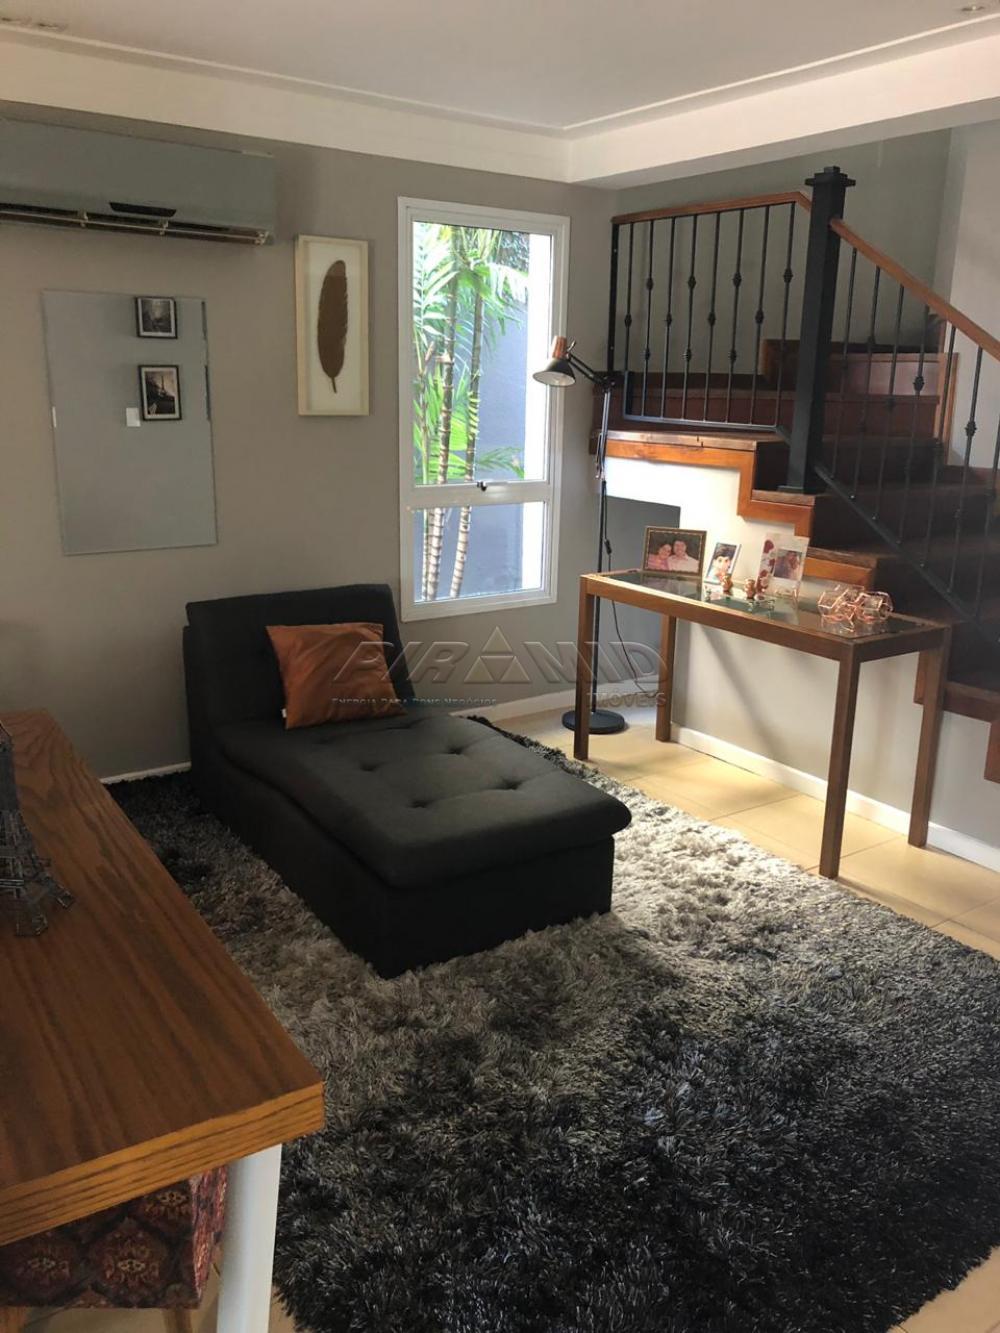 Comprar Casa / Condomínio em Ribeirão Preto apenas R$ 1.280.000,00 - Foto 6